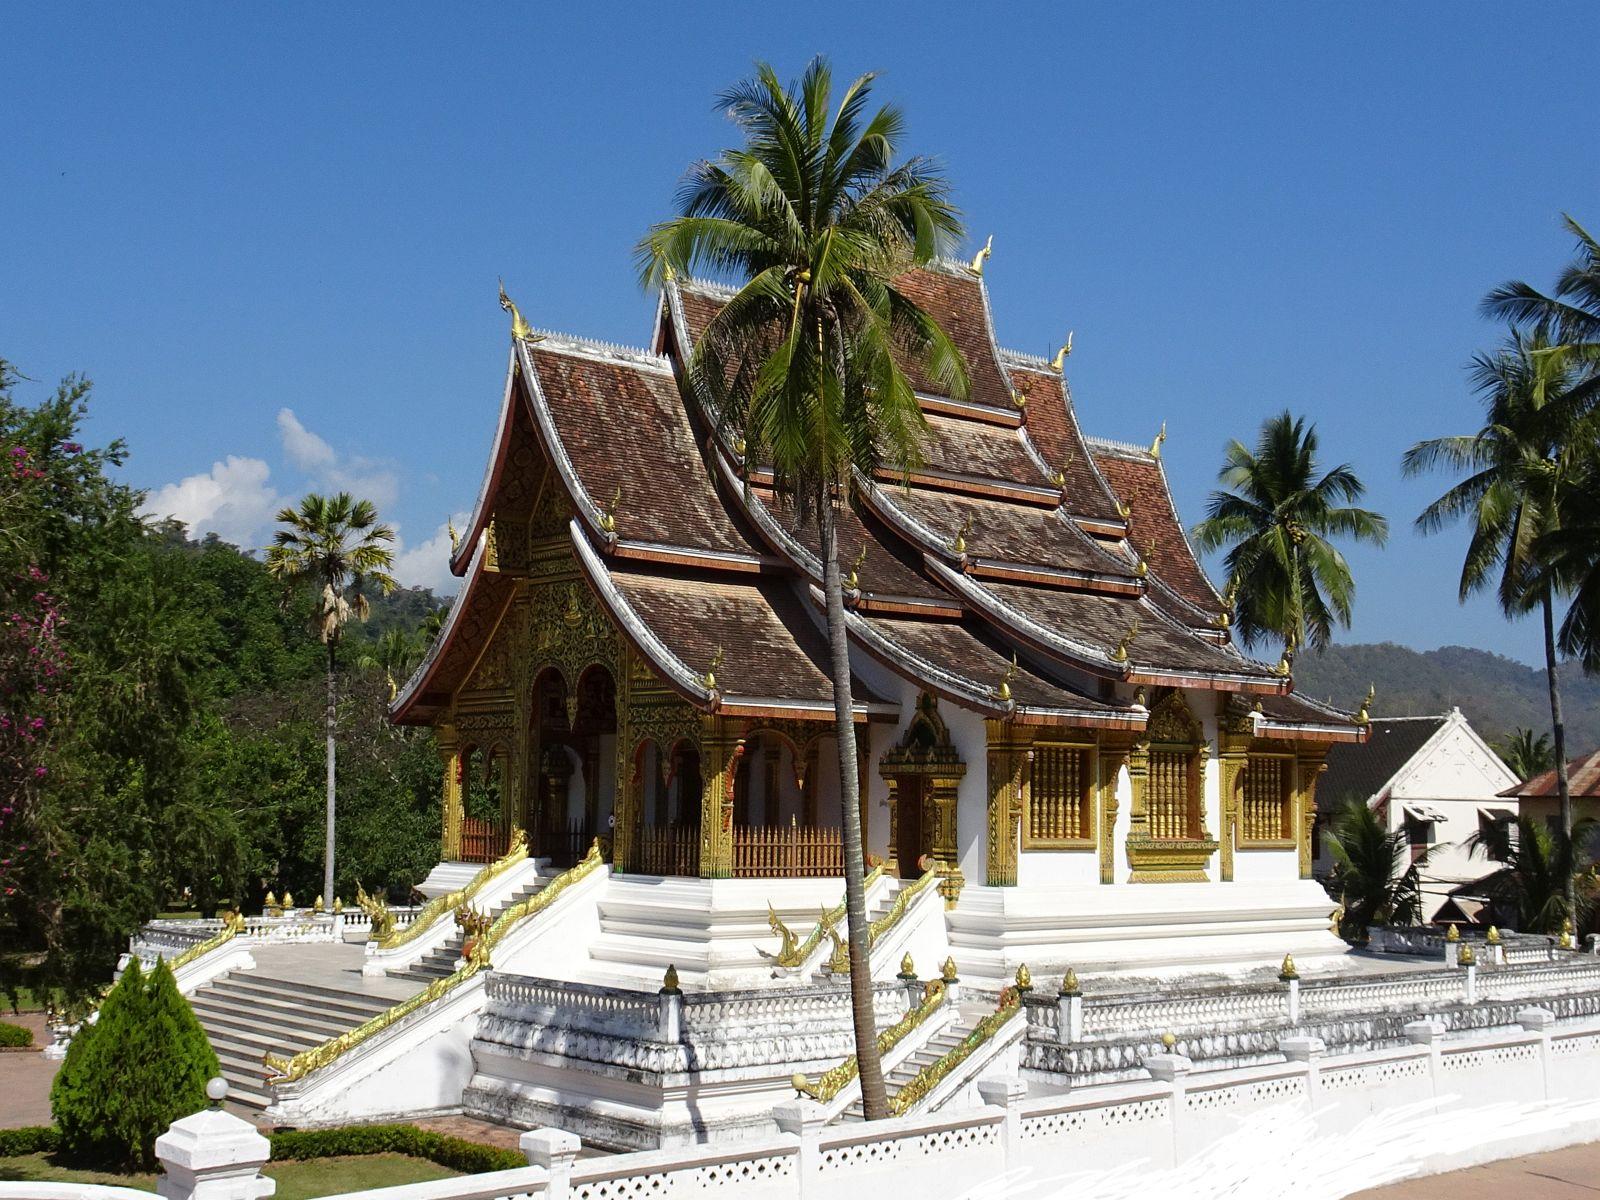 04.02.2017 – 07.02.2017 Luang Prabang